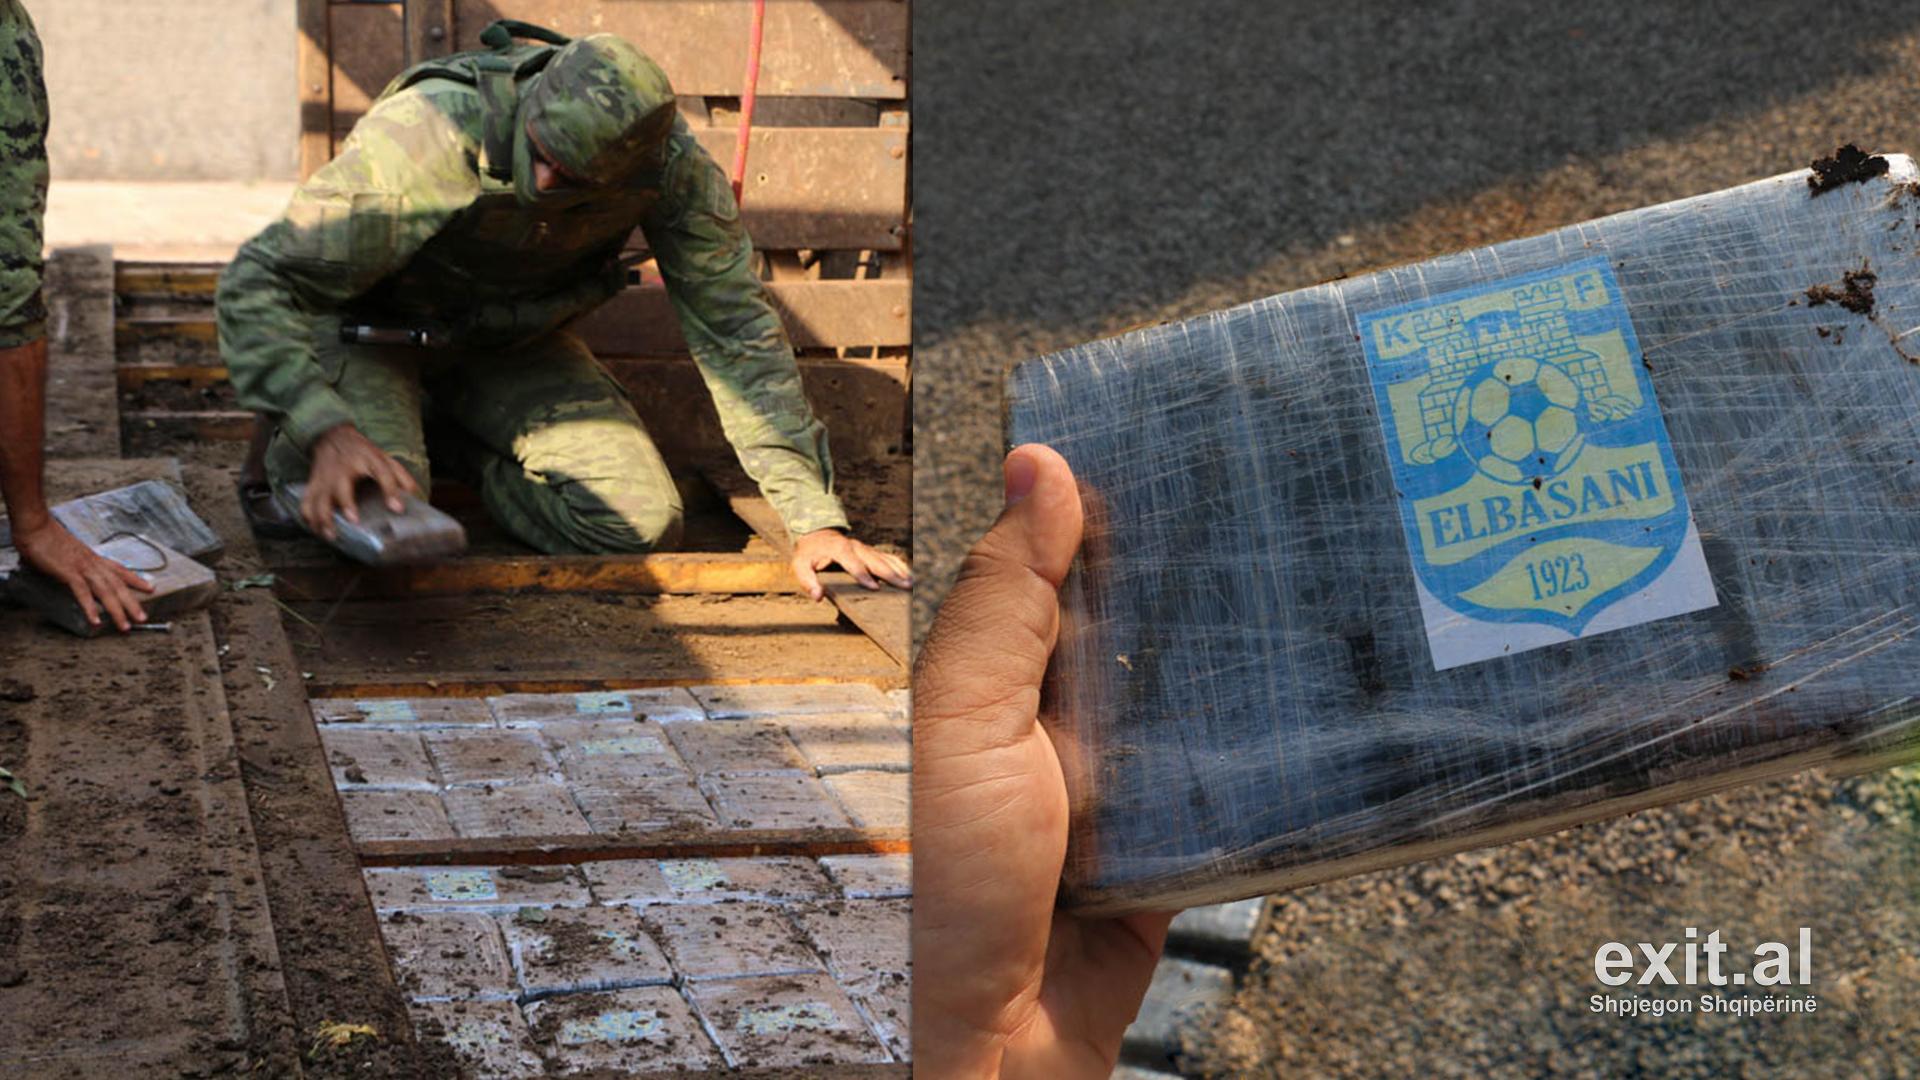 Mbi 1 ton drogë dhe dhjetëra milionë euro kapen në Greqi, Holandë e Brazil, arrestohen disa shqiptarë